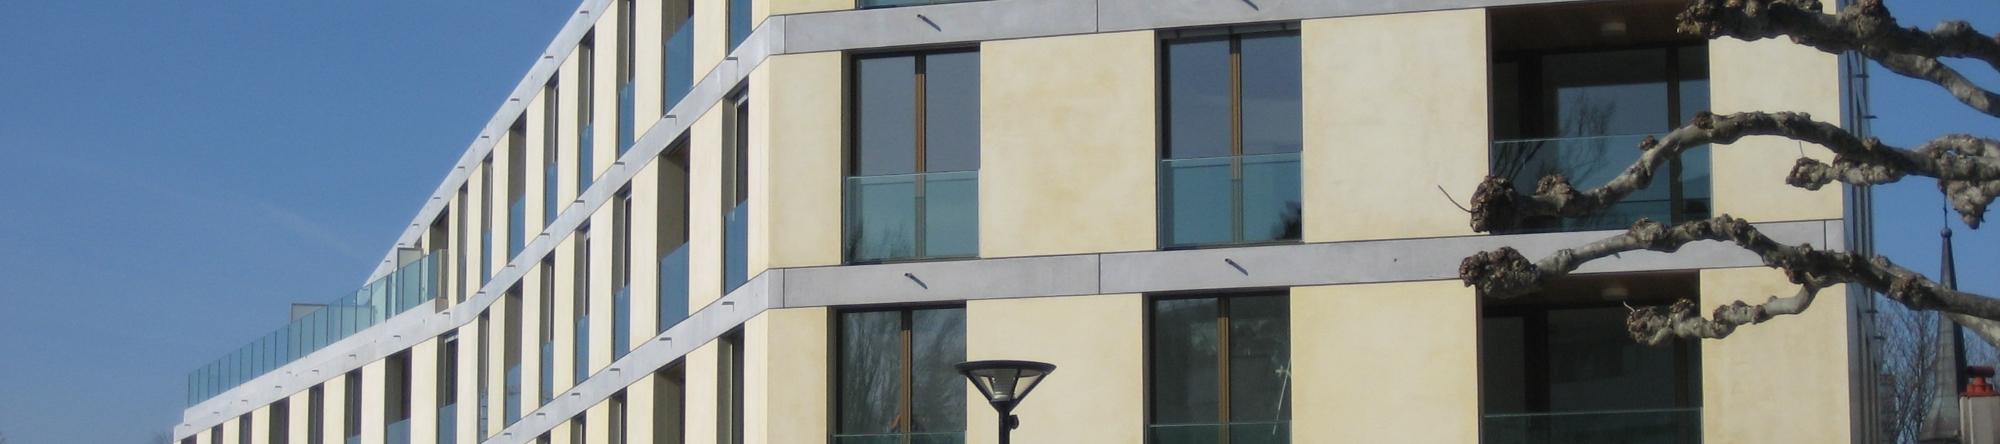 Habiller Un Pilier En Beton prelco - préfabriqués suisse – pre fabrication d'elements de